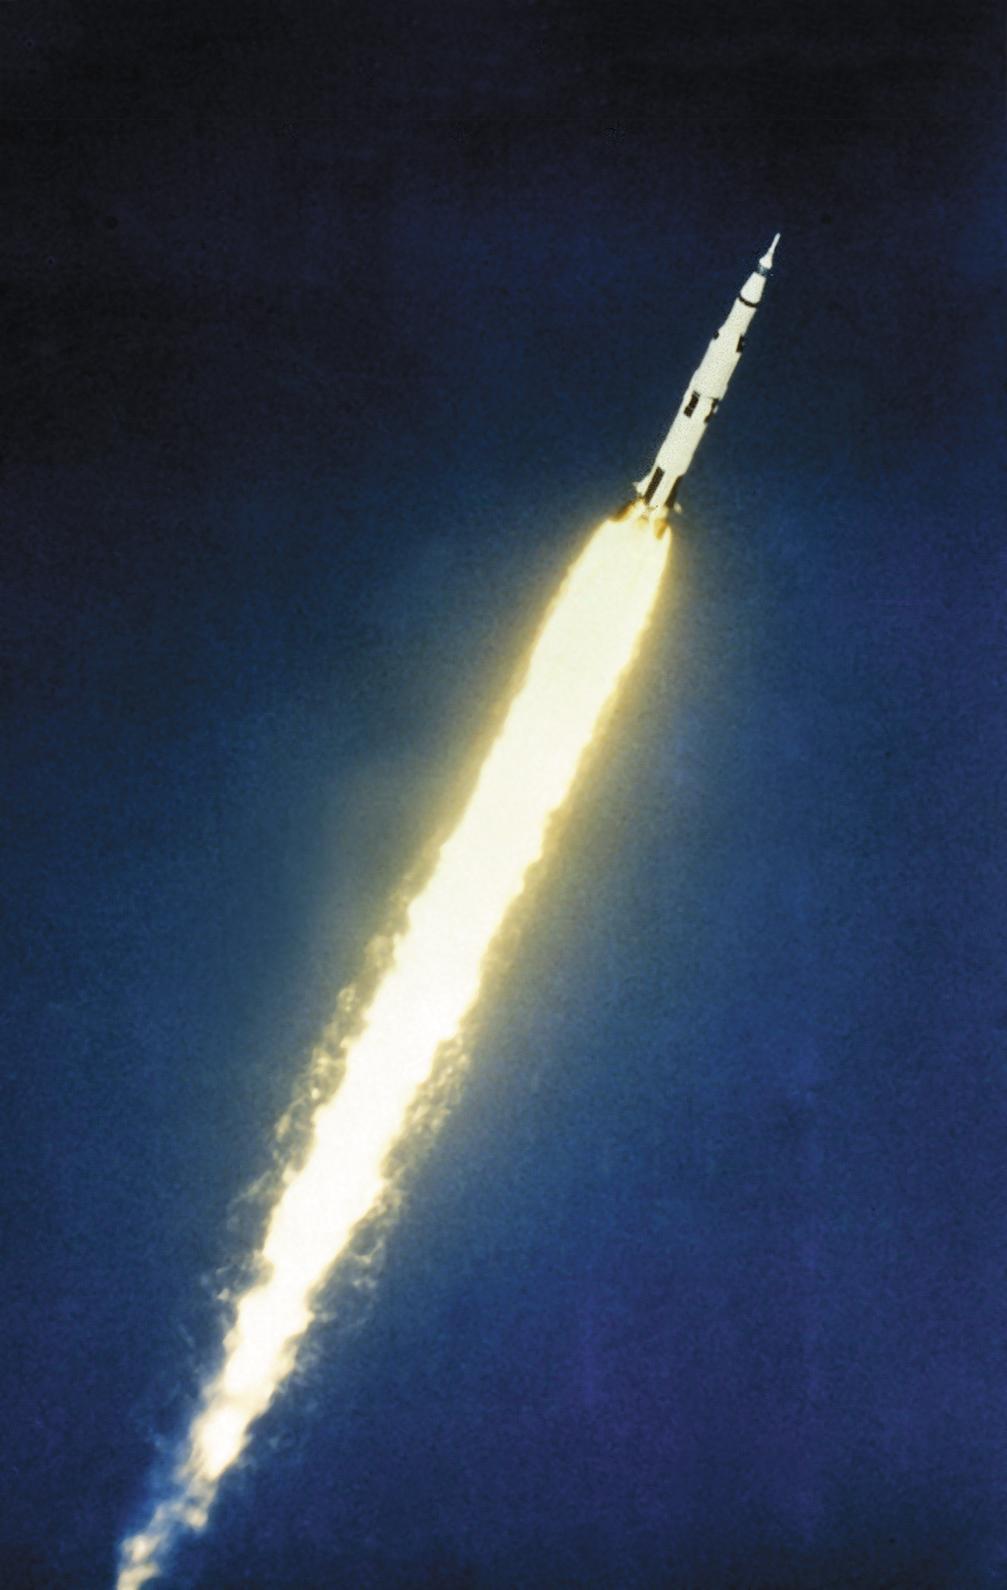 موشک ساترن پنج در حال ترک زمین به مقصد ماه